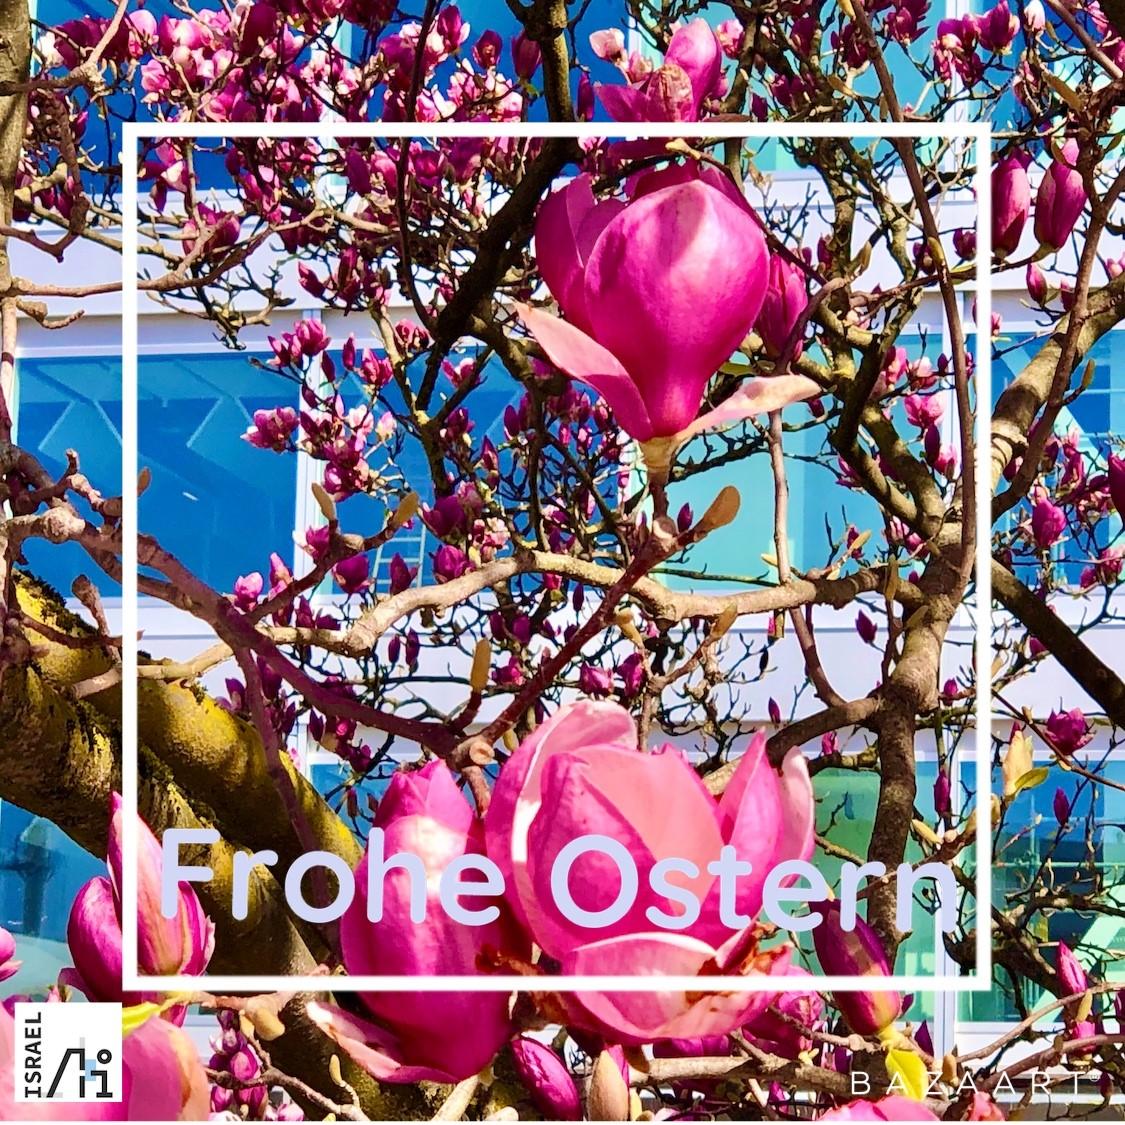 Ich wünsche allen Partnern und Geschäftskunden sowie allen Besuchern ein frohes Osterfest